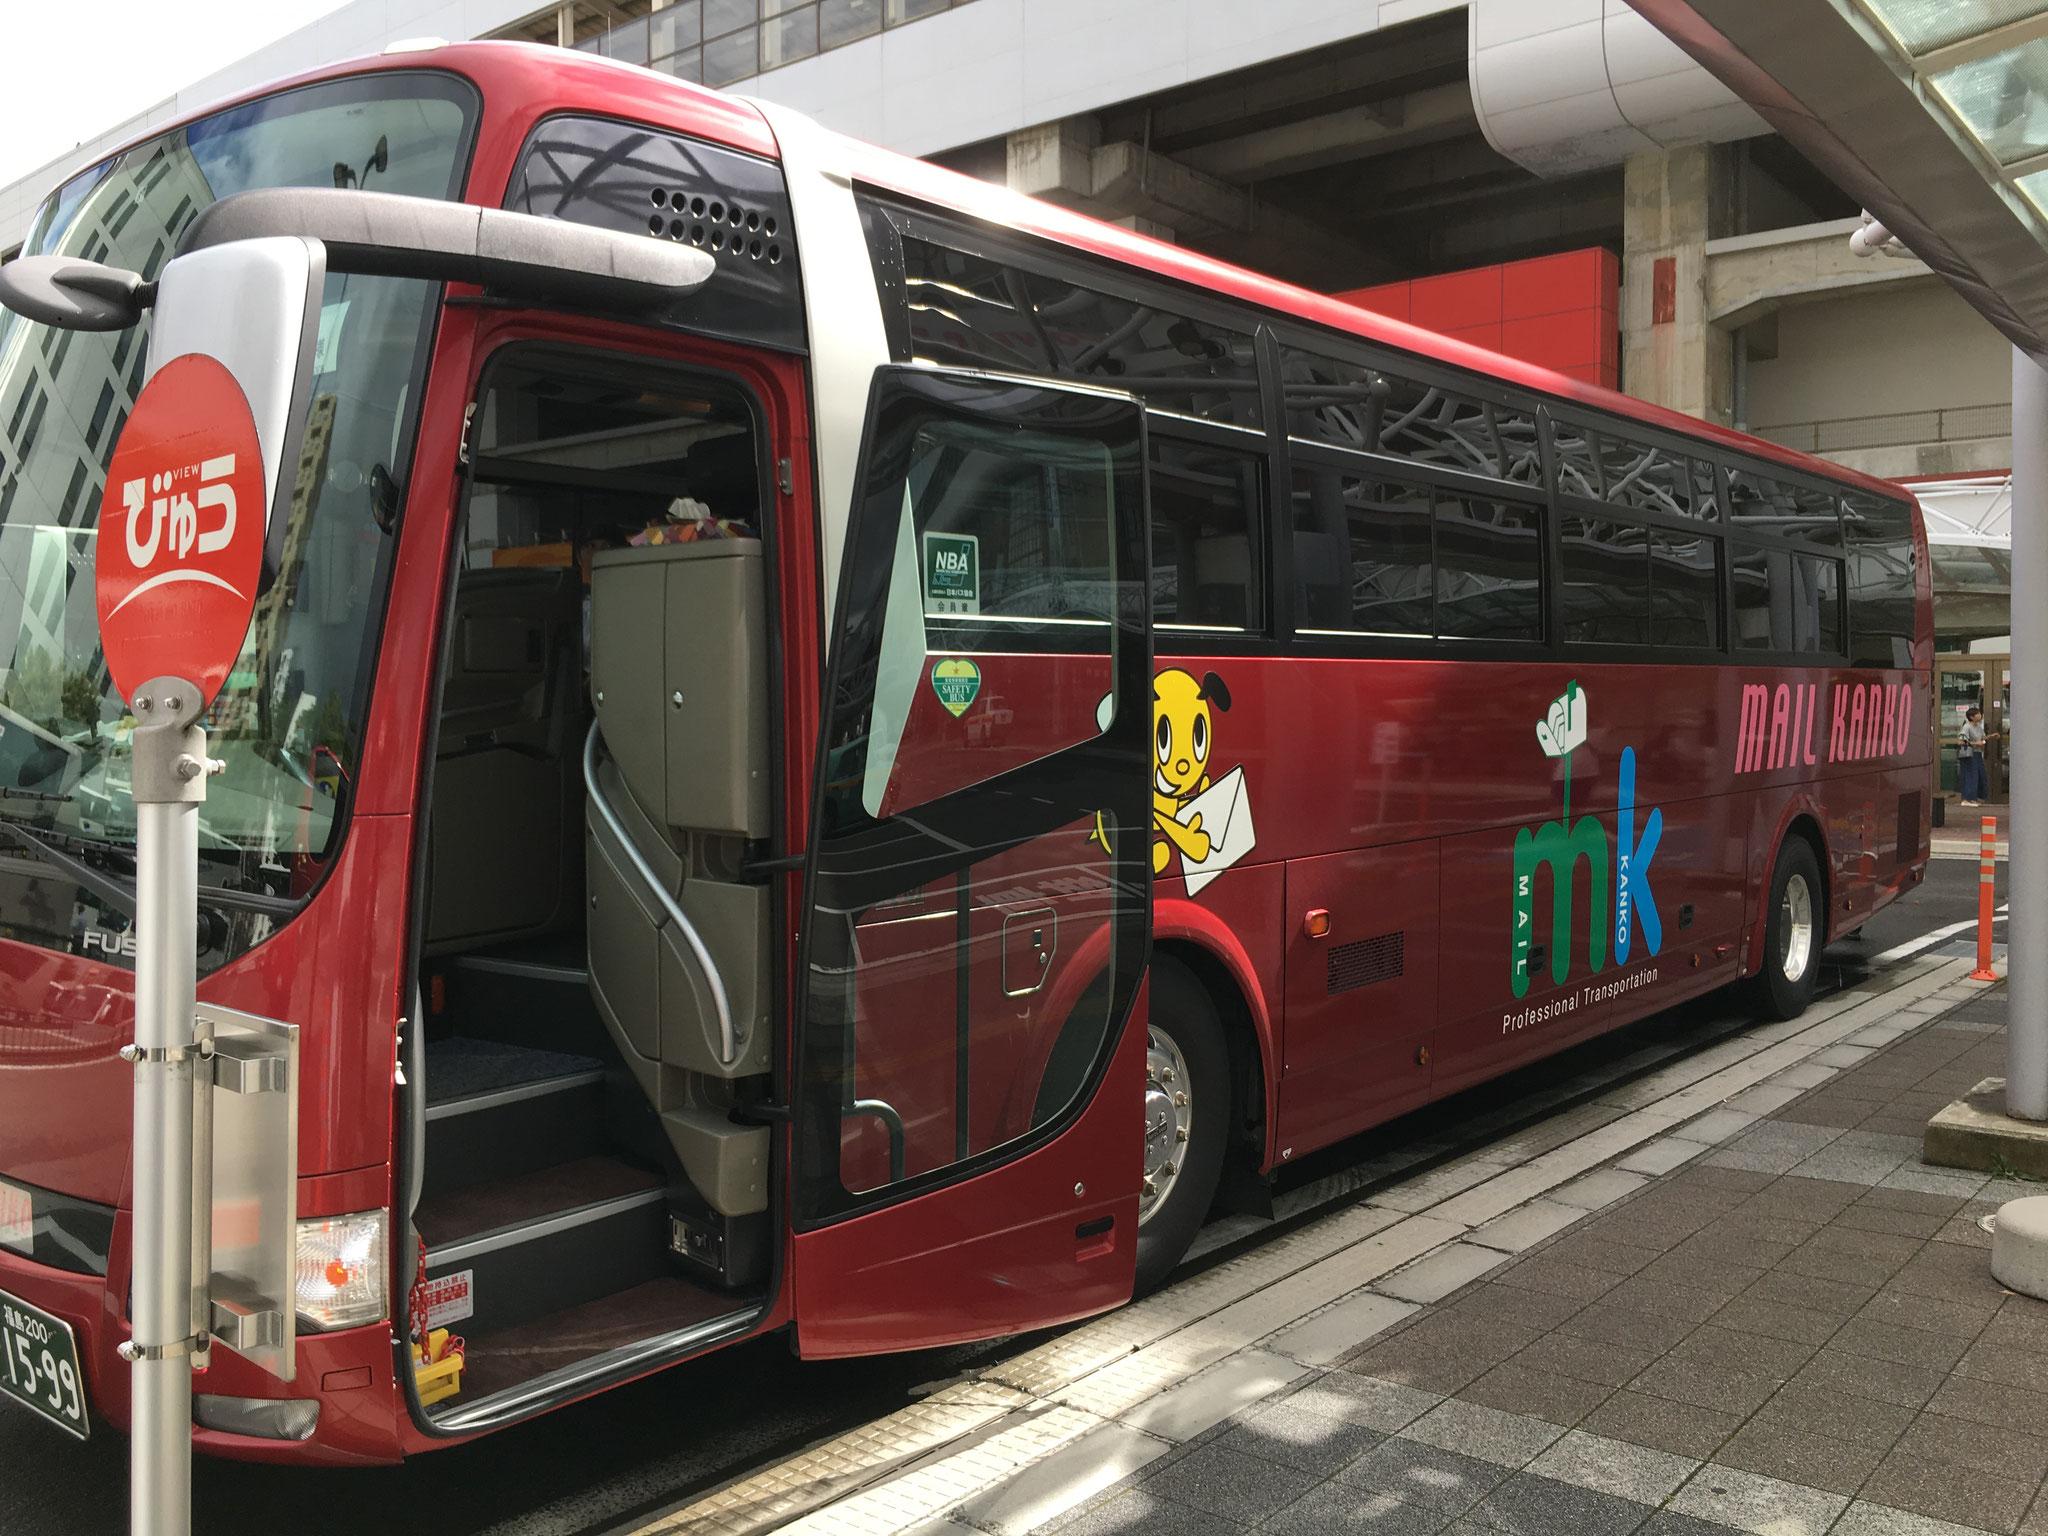 県大会当日は福島駅西口集合。今年はメール観光さんにお世話になりました。